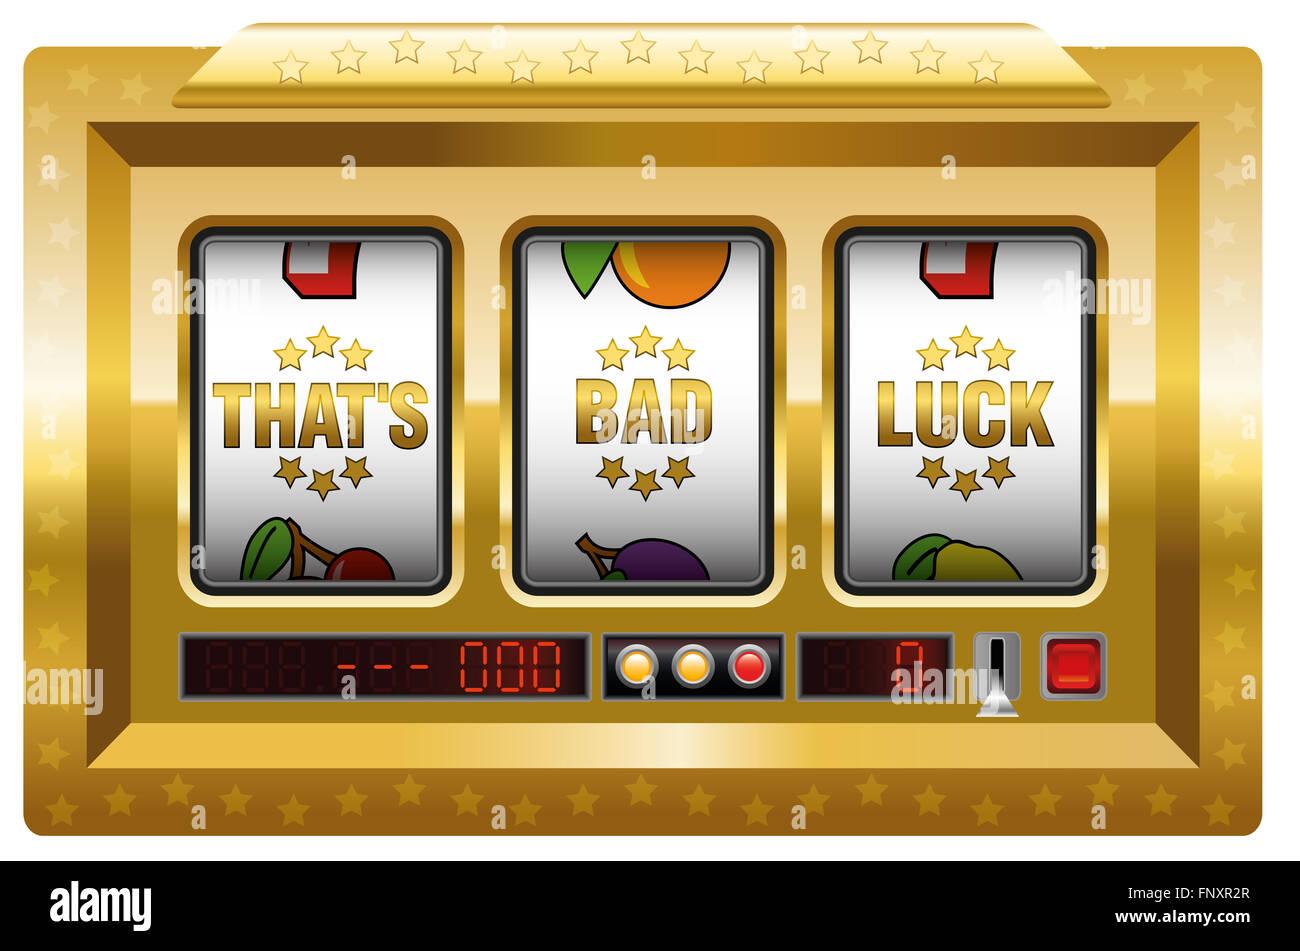 Das ist Pech - golden-Spielautomat mit drei Walzen als Symbol für Unglück. Abbildung auf weißem Hintergrund. Stockfoto